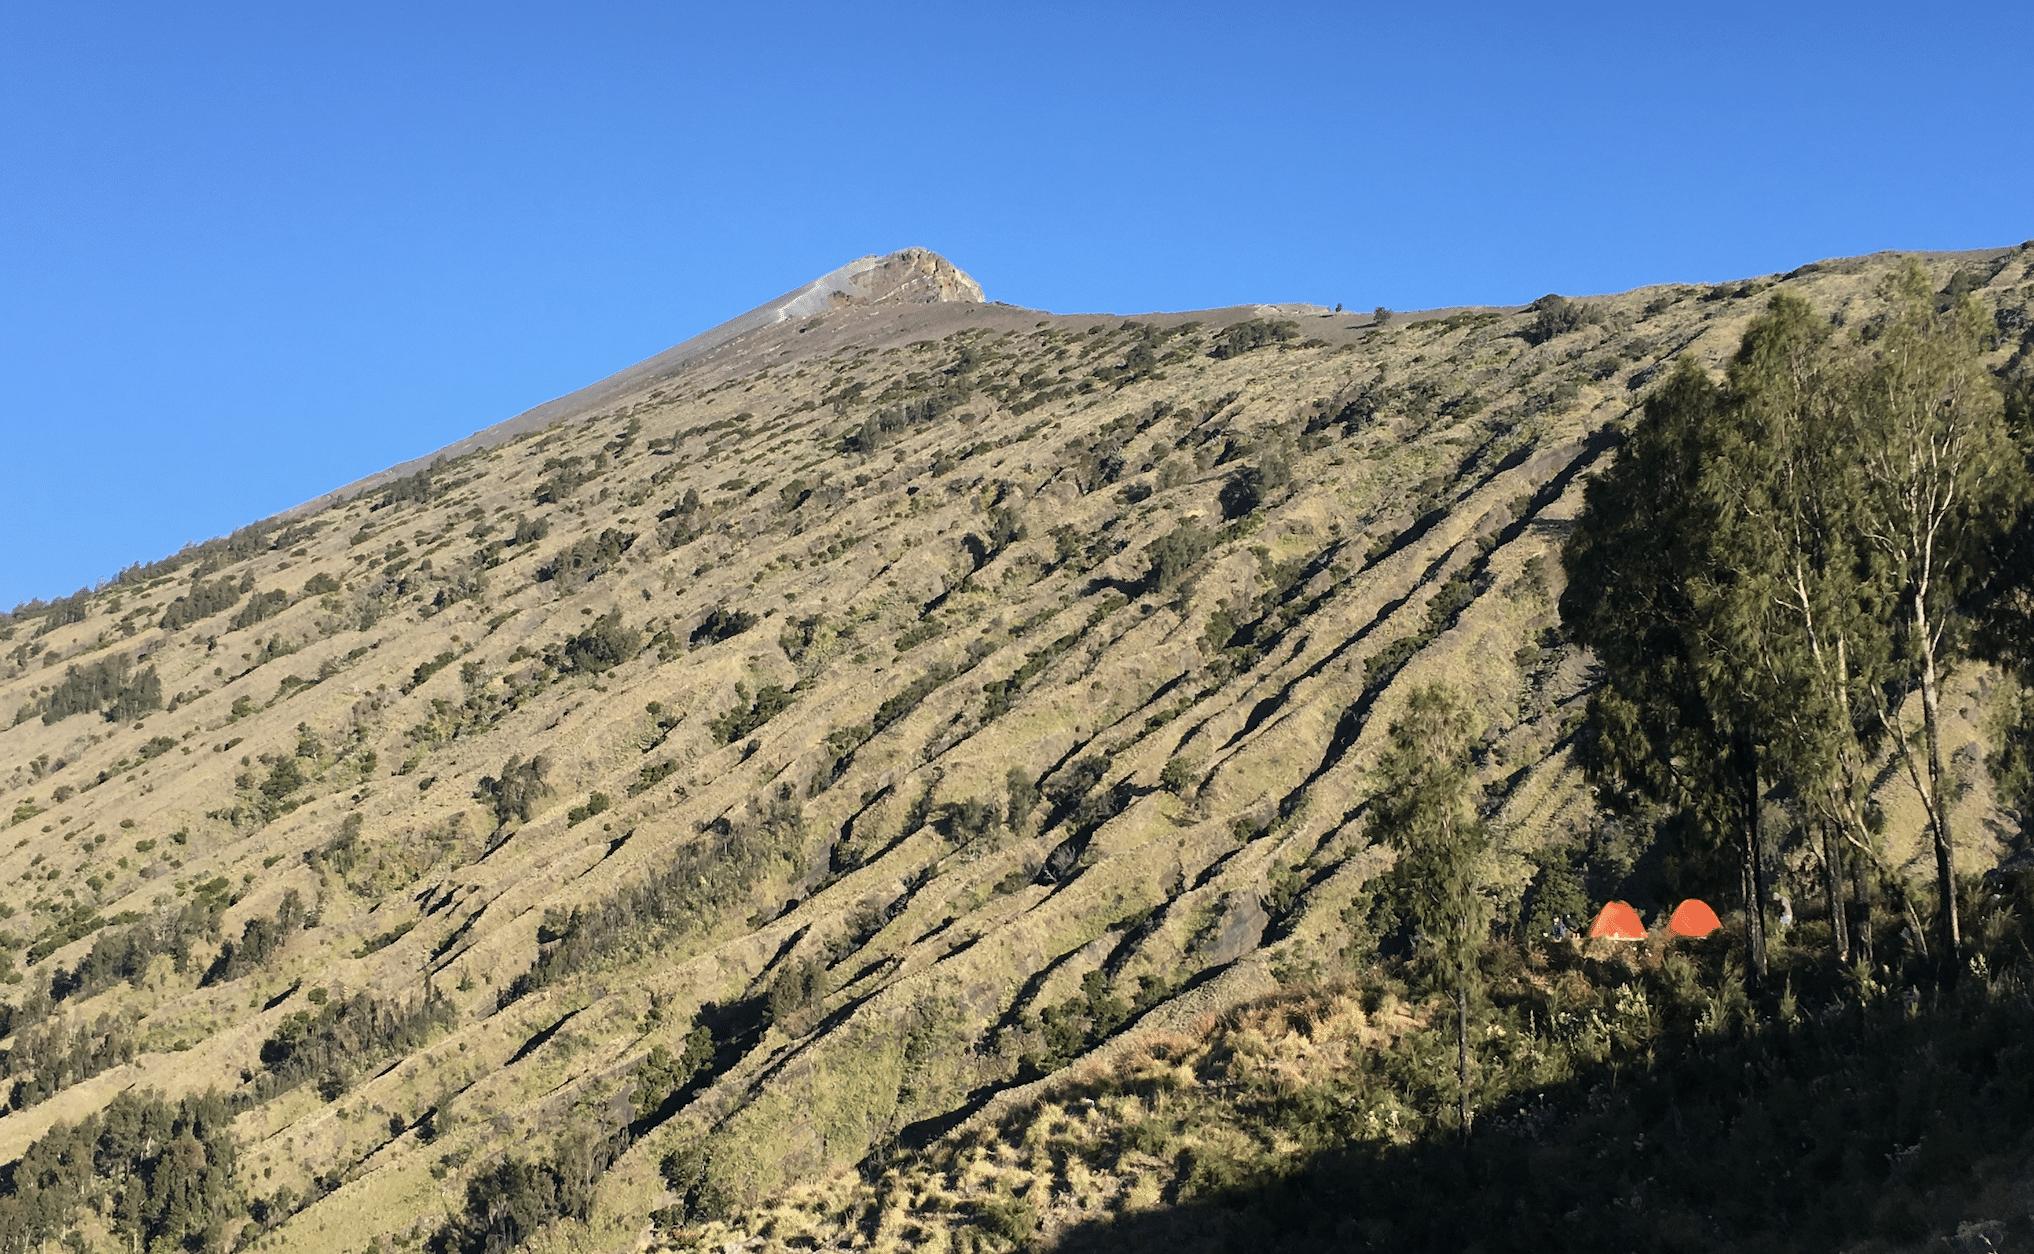 sommet du mont rinjani a lombok